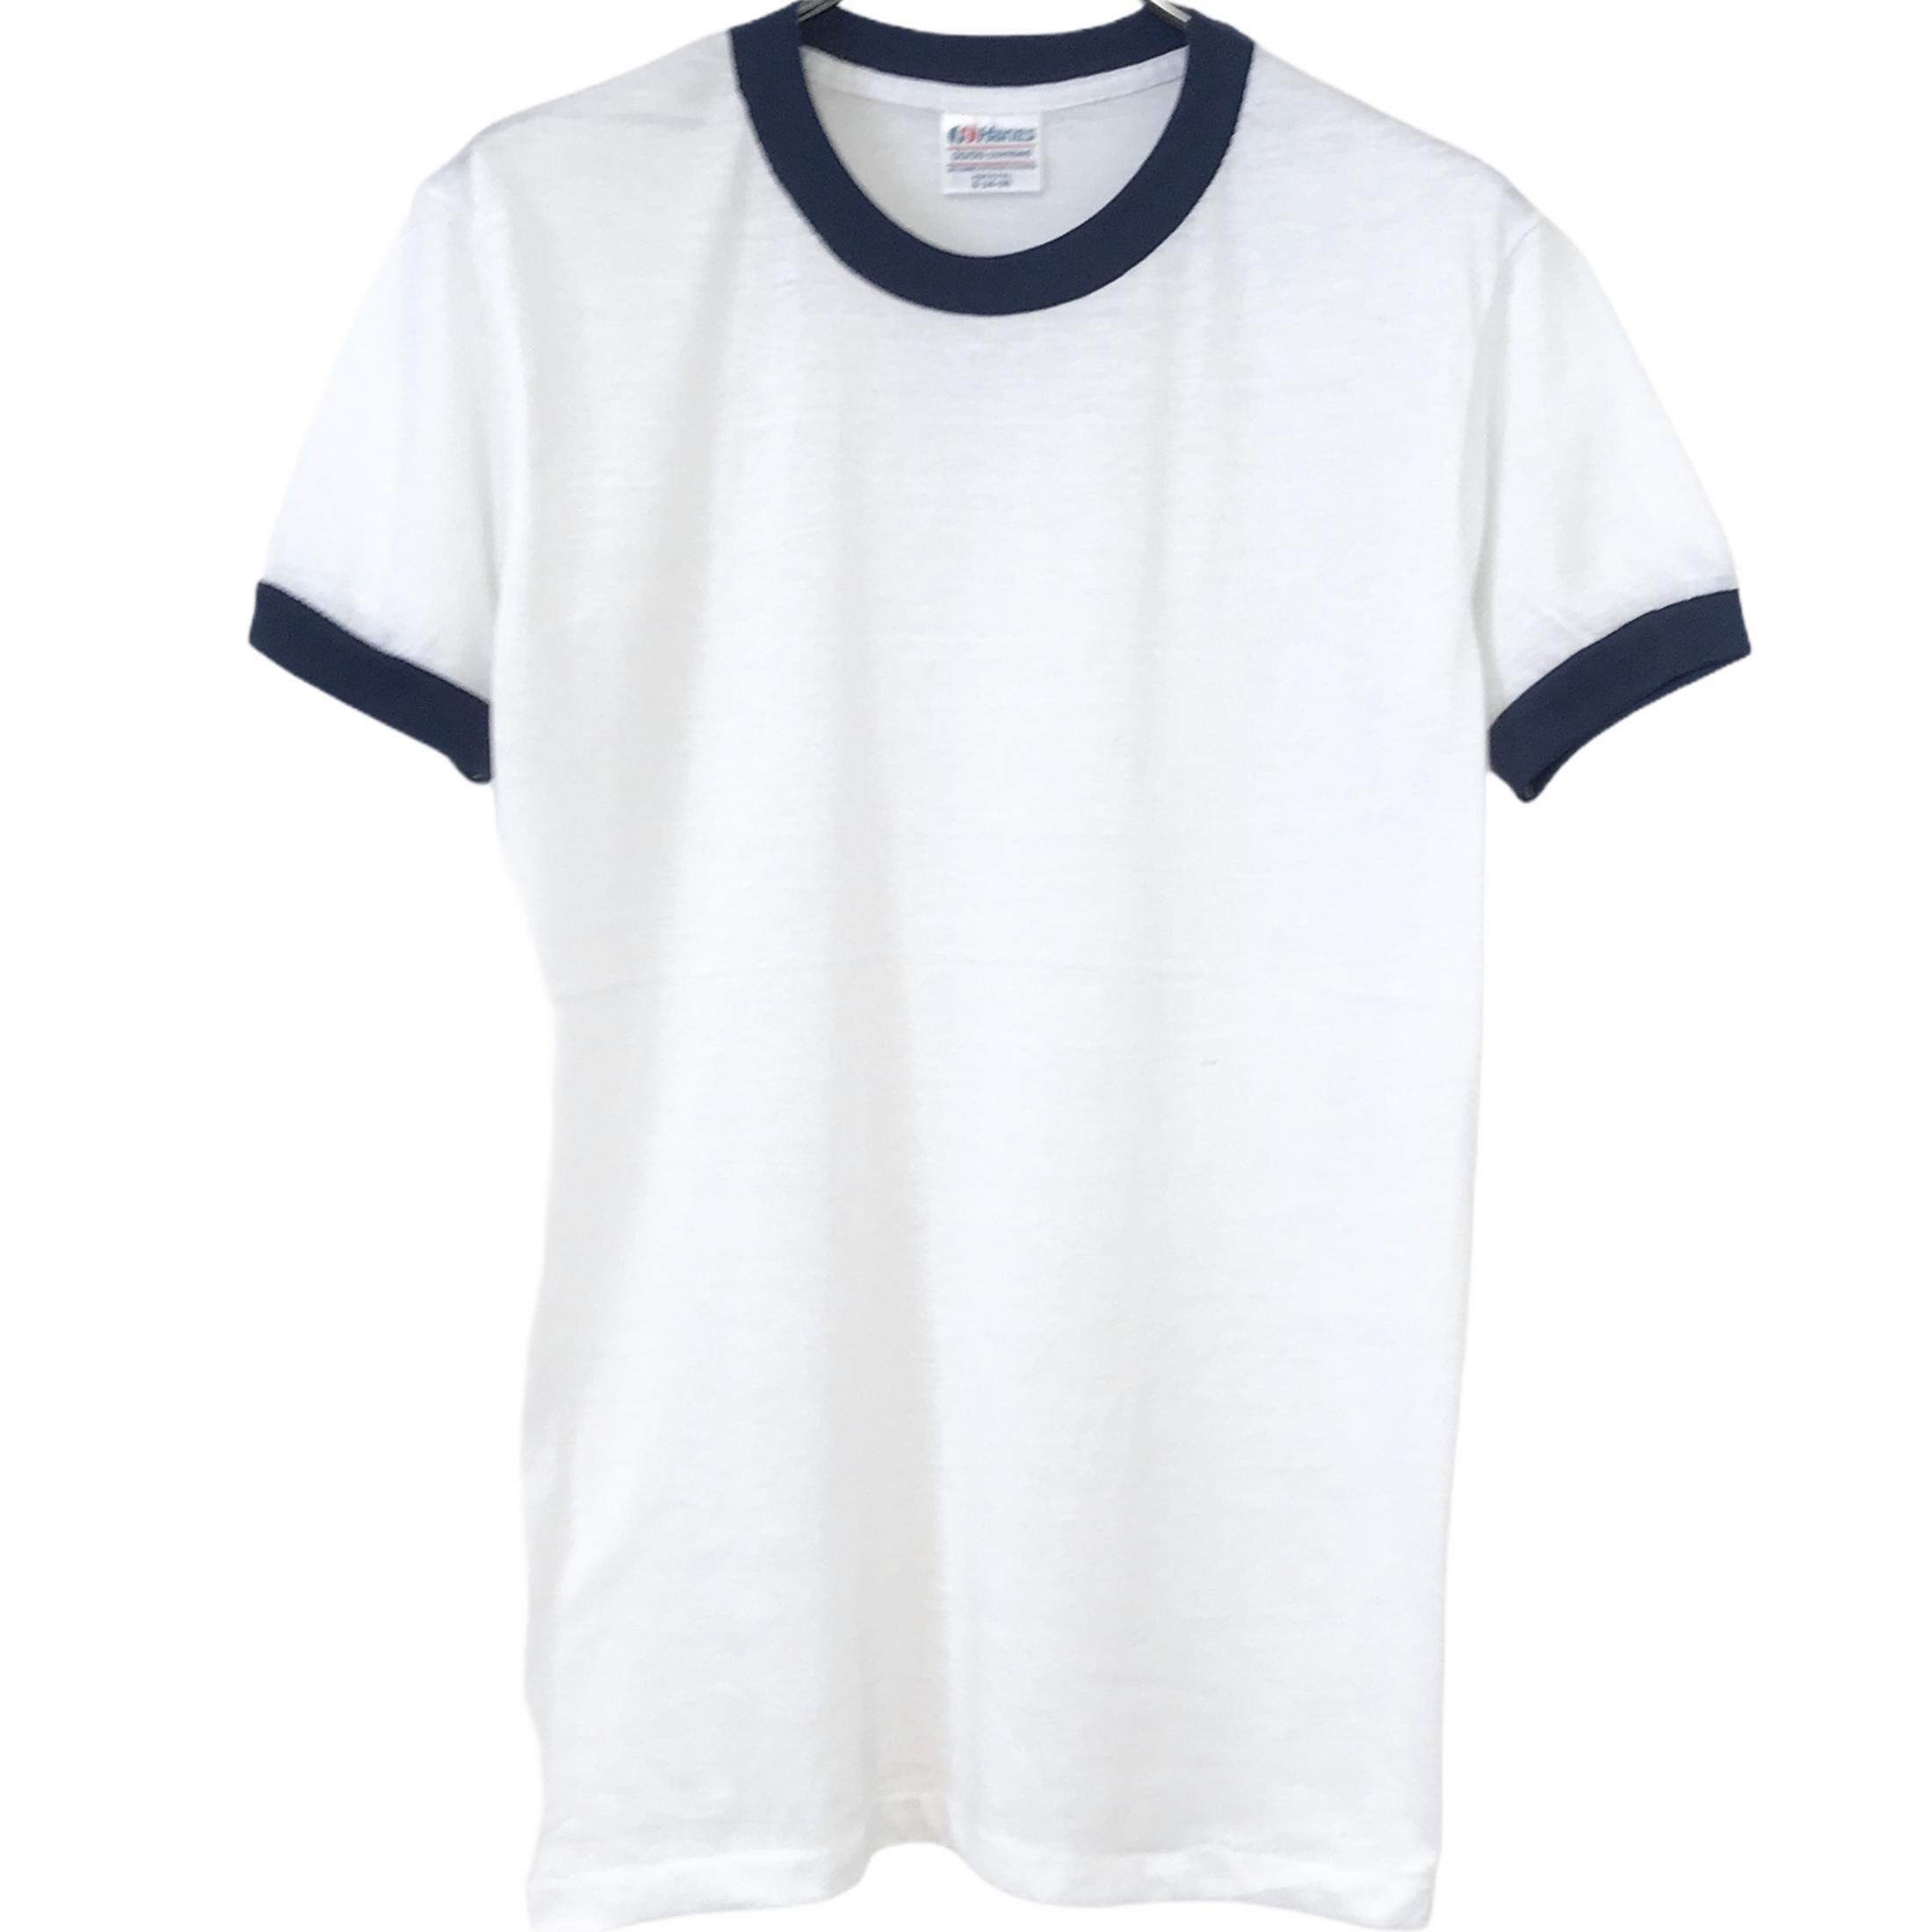 Dead Stock! 80's Hanes Ringer T-shirt made in USA Black